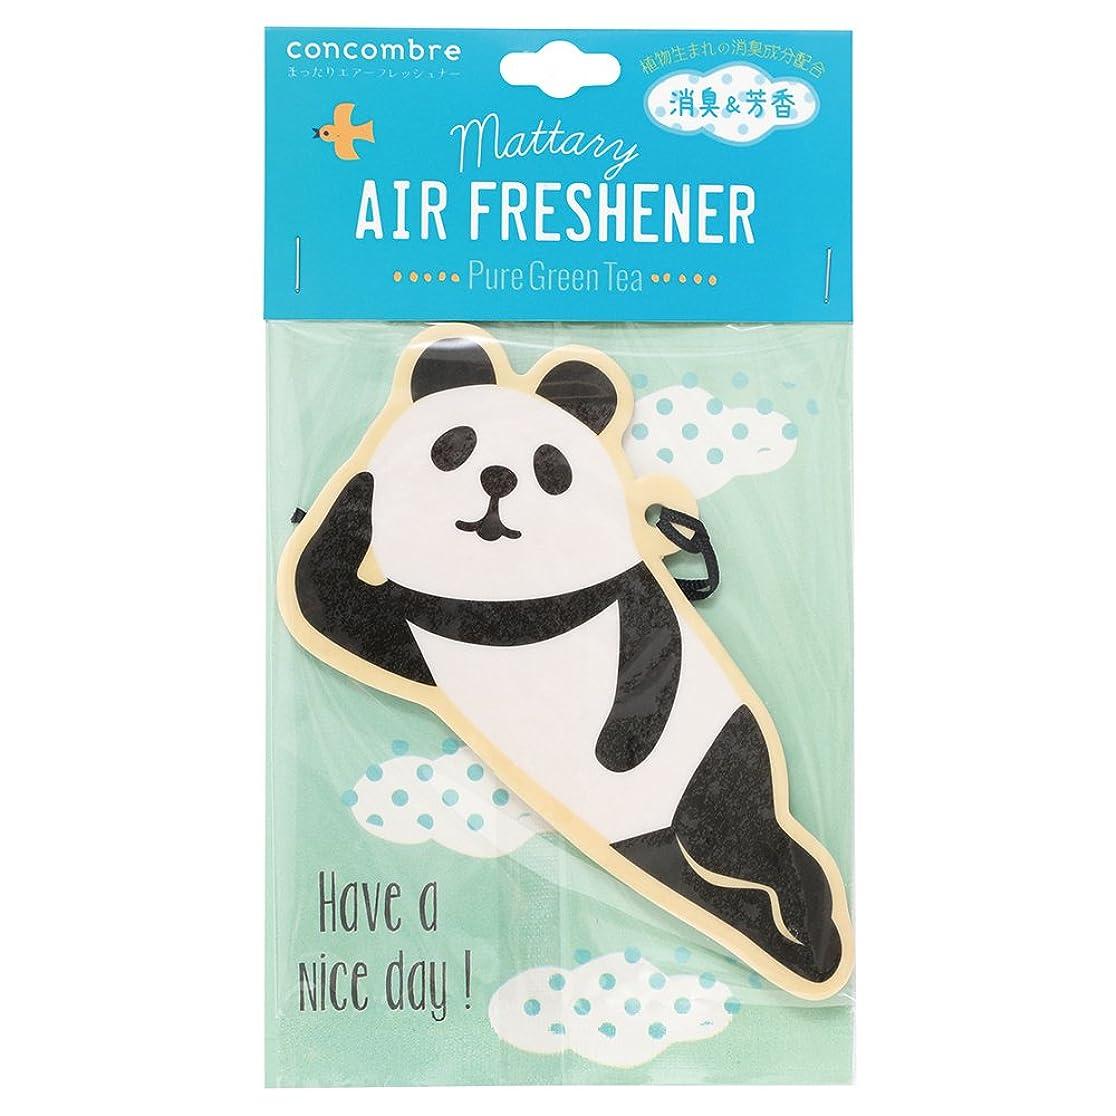 おしゃれじゃない舗装するログconcombre 芳香剤 まったりエアーフレッシュナー 吊り下げ 消臭成分配合 グリーンティーの香り OA-DKA-5-4